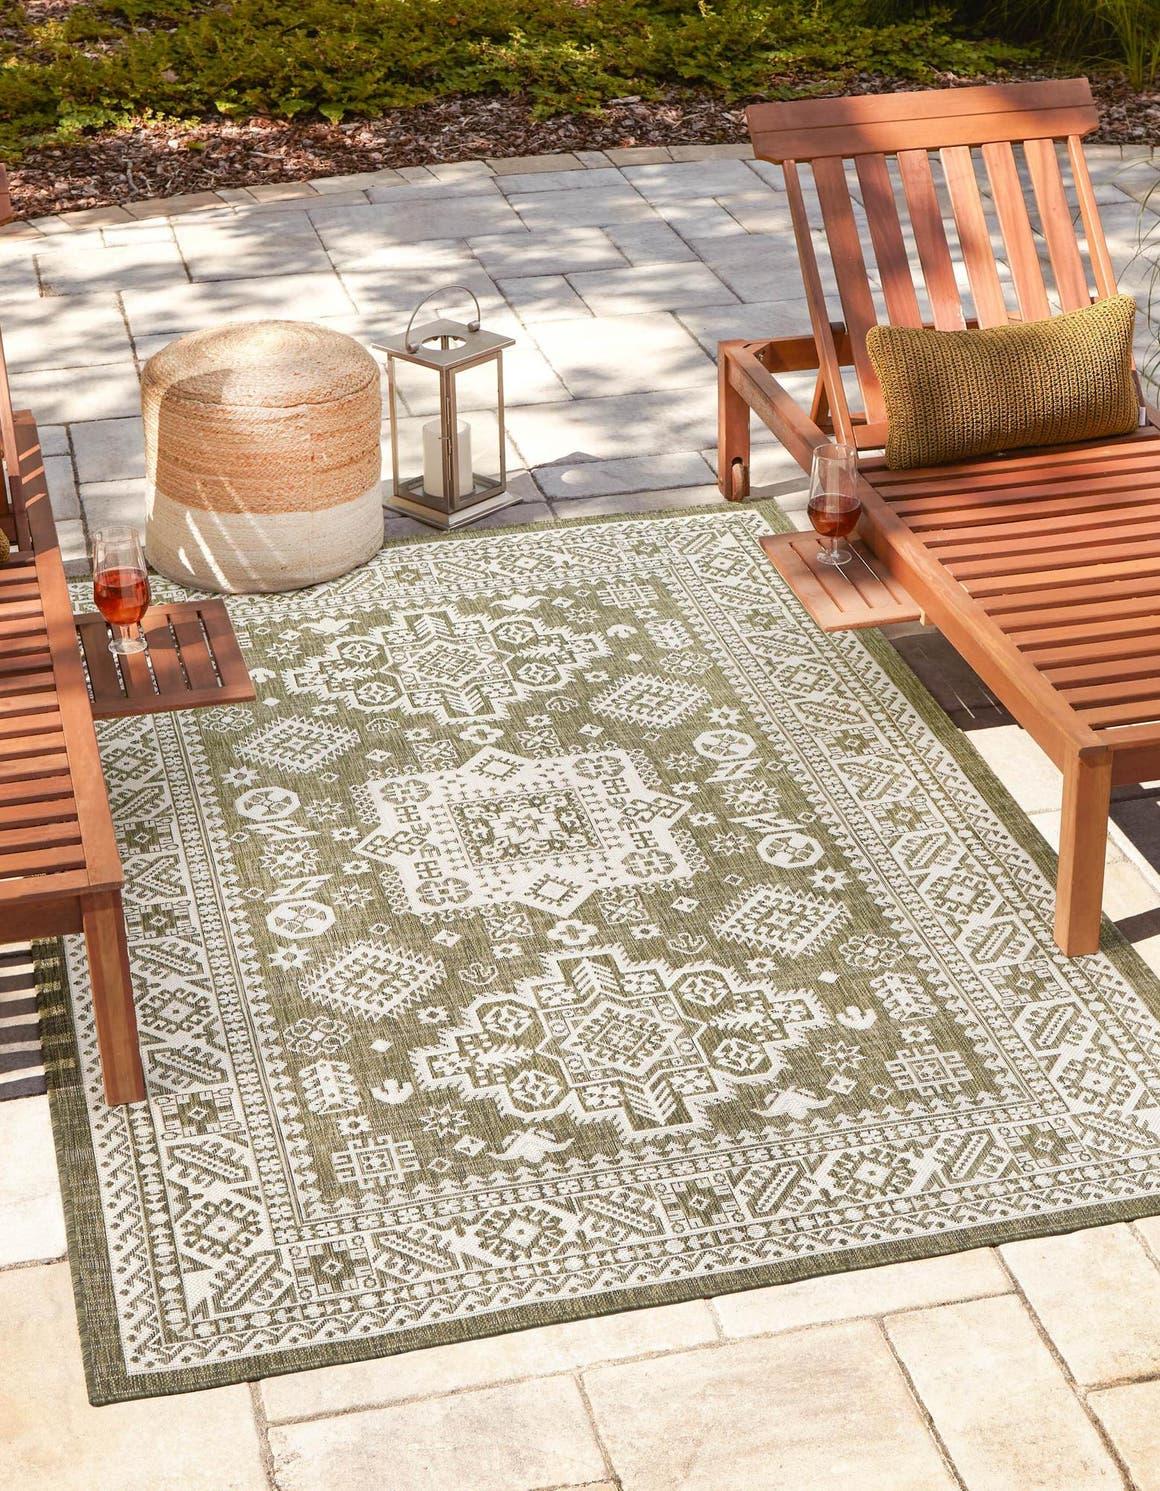 7' x 10' Outdoor Aztec Rug main image